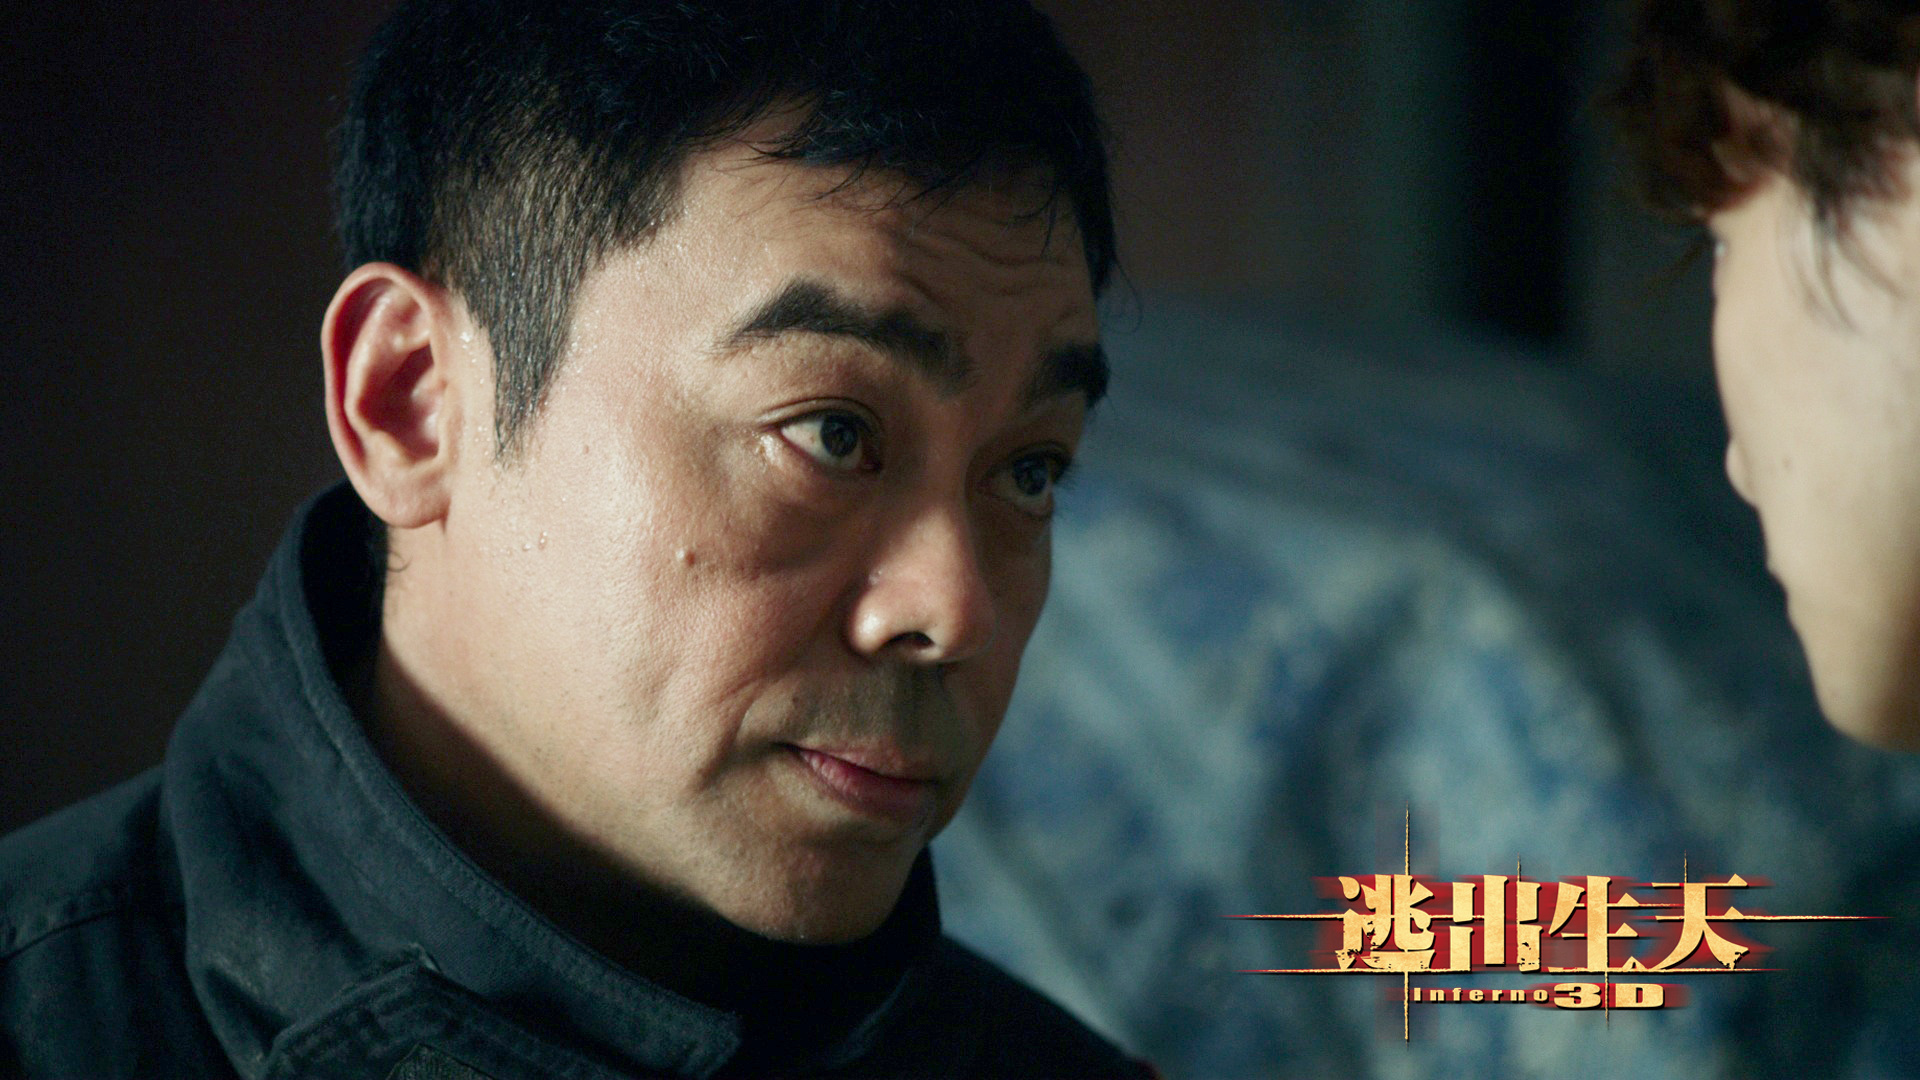 电影《逃出生天》刘青云角色剧照图片